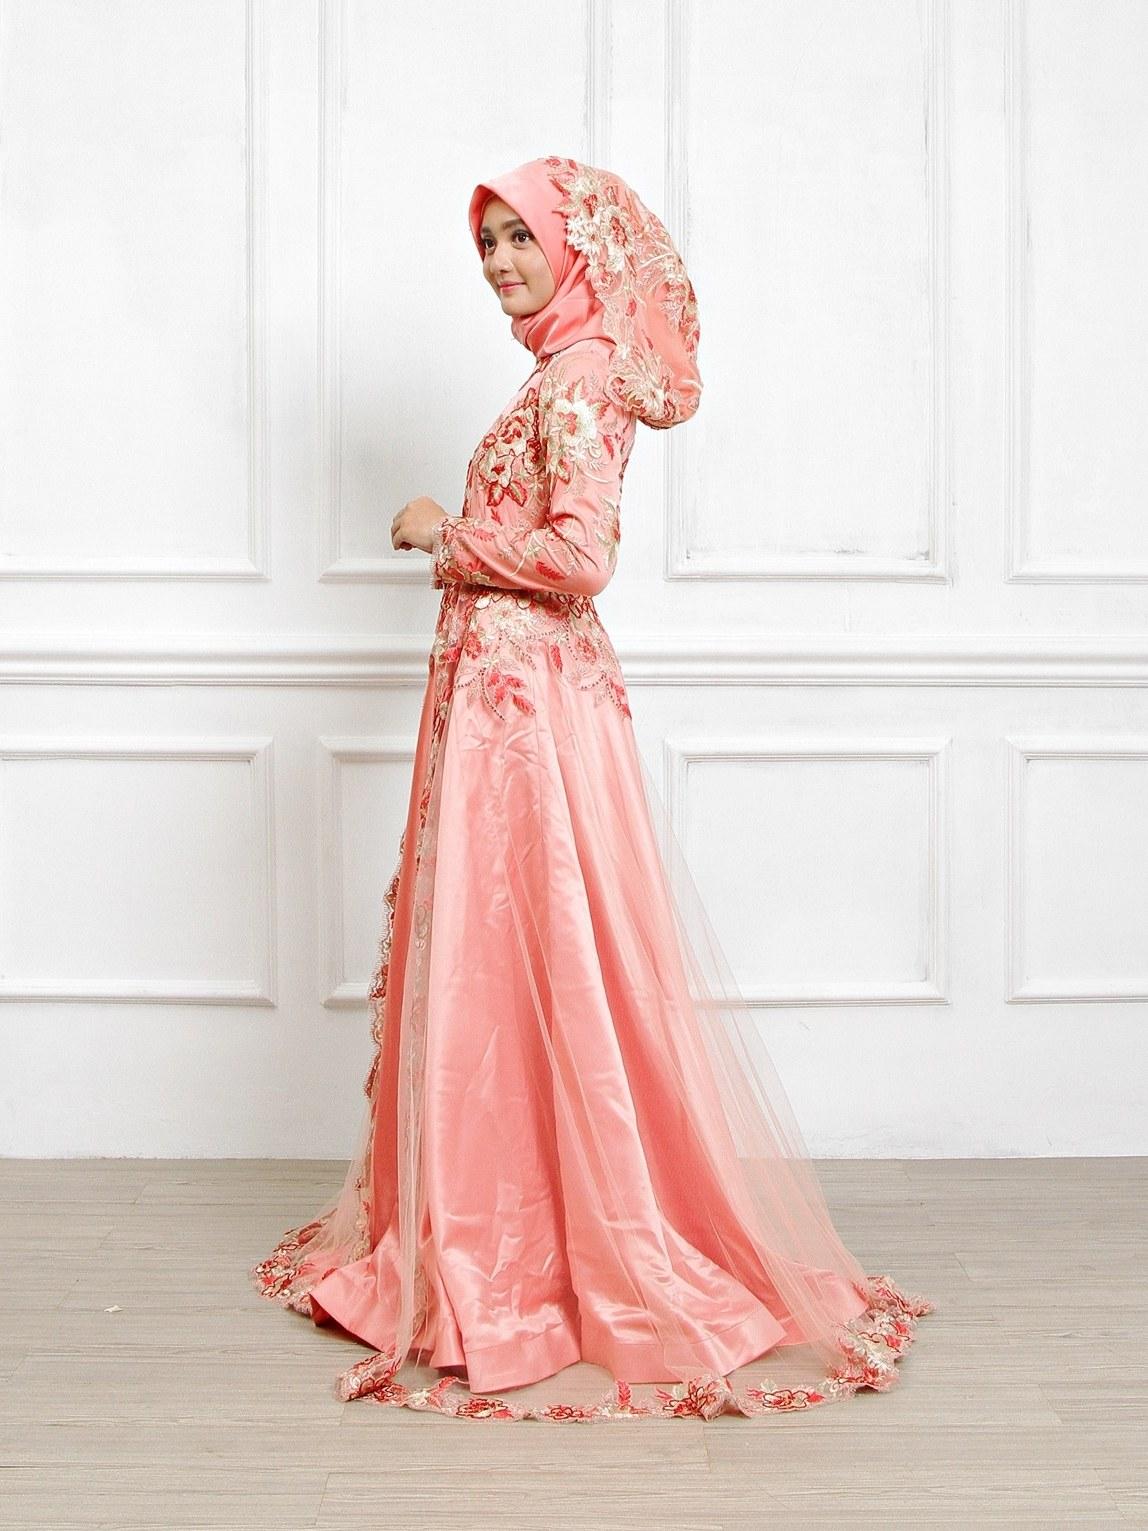 Bentuk Sewa Gaun Pengantin Muslimah O2d5 Sewa Perdana Baju Pengantin Muslimah Jogja Gaun Pengantin